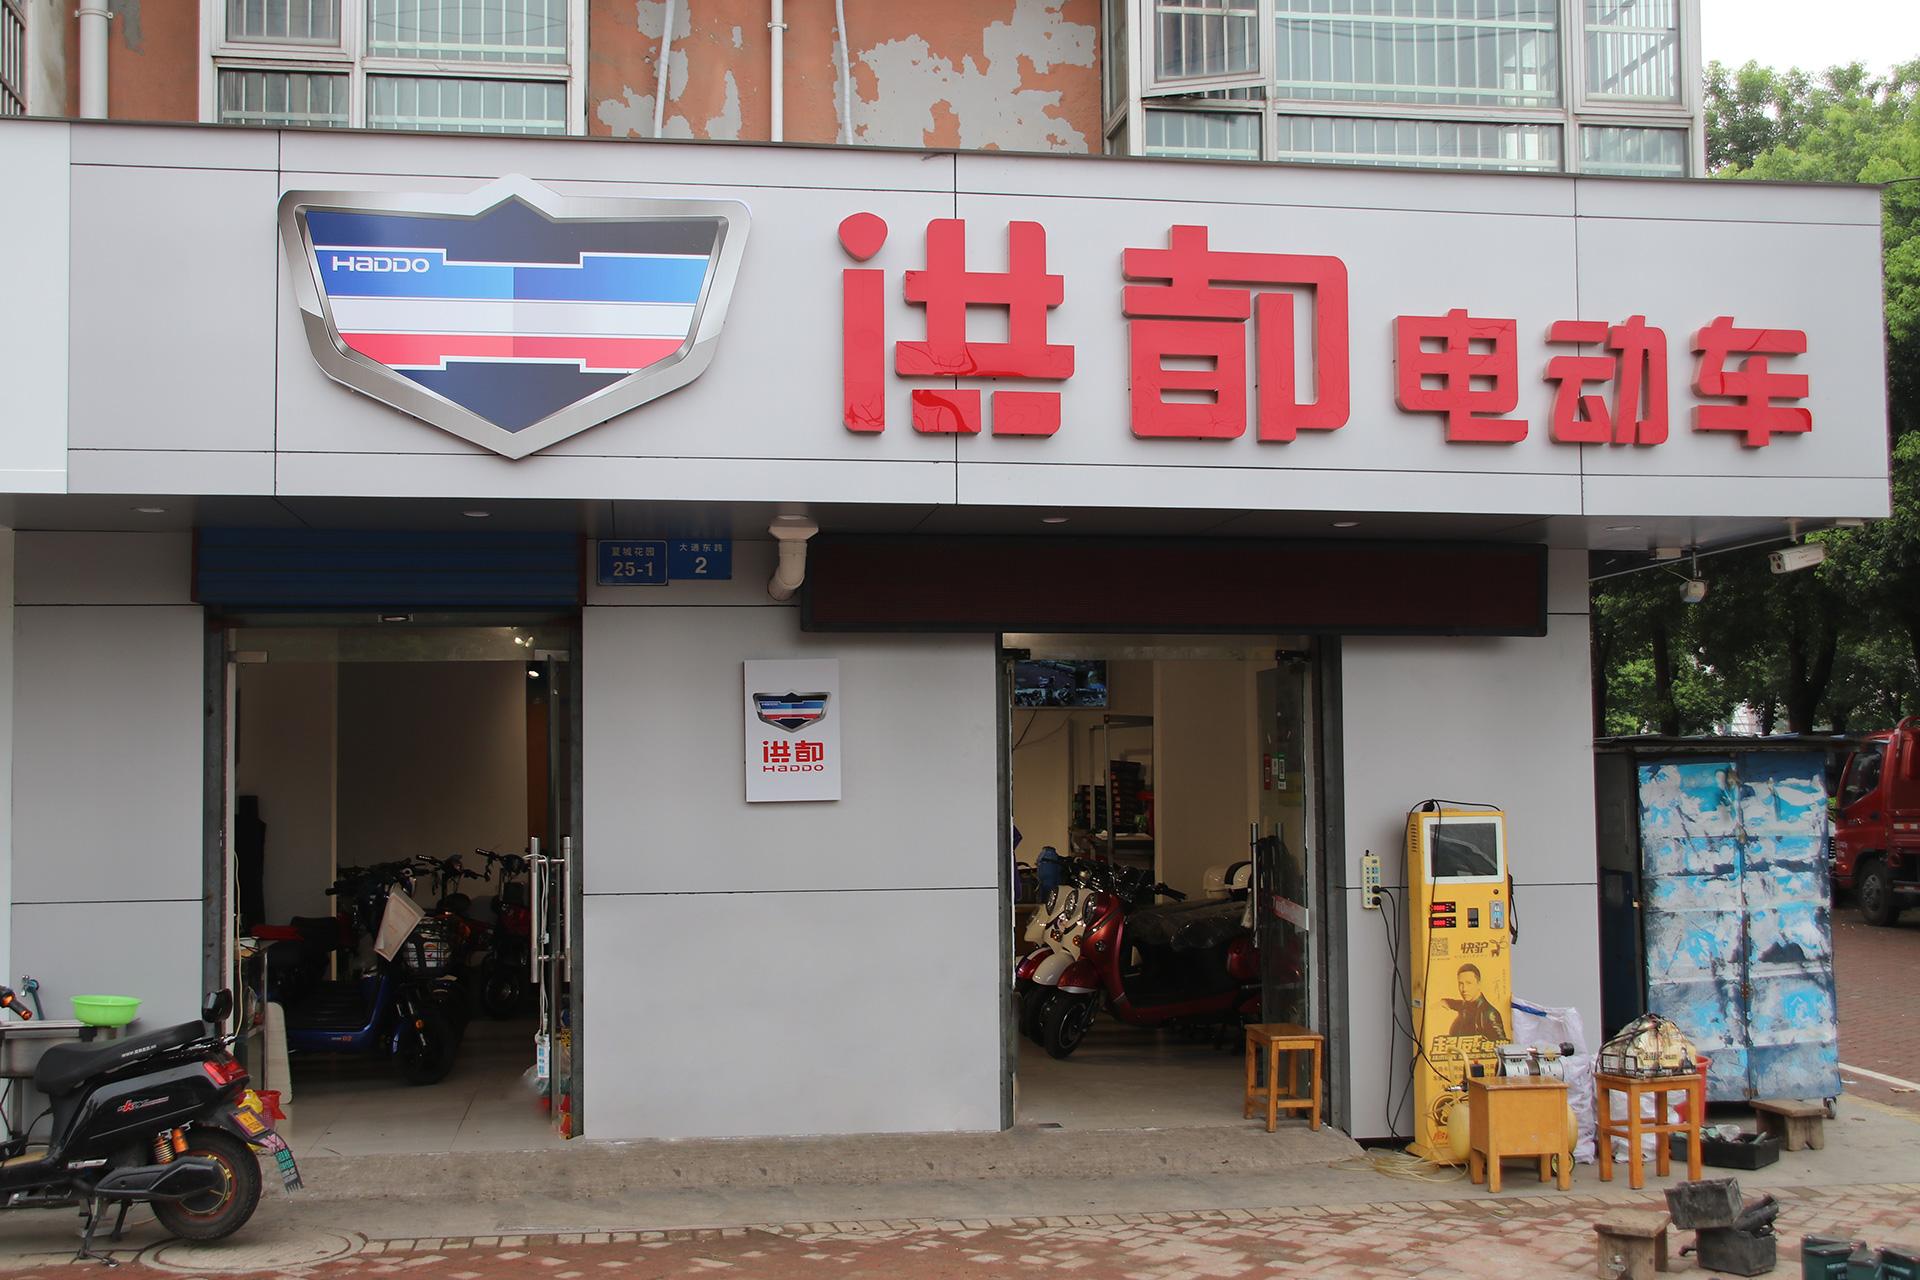 乐天堂fun88客户端下载阳湖大桥店